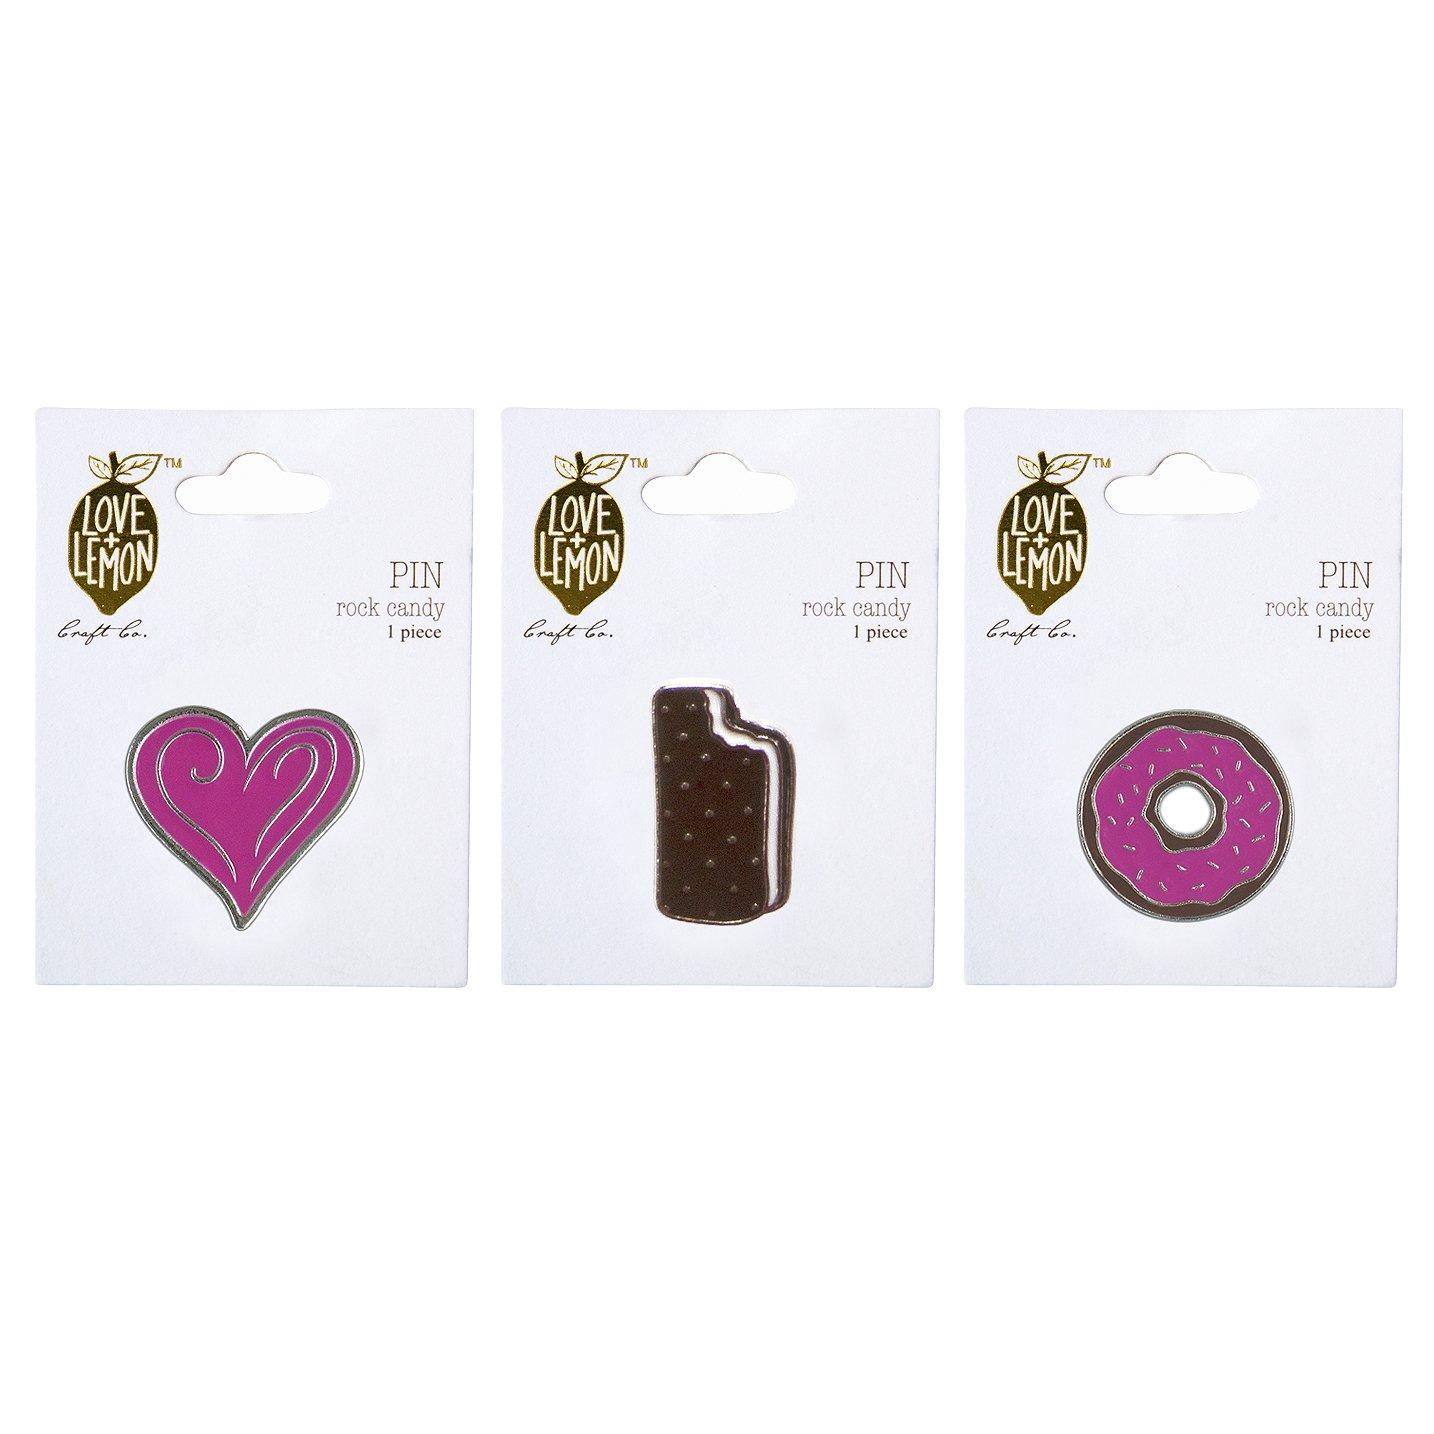 Love+ Lemon Rock Candy Enamel Lapel Pin Set - 3 Pieces